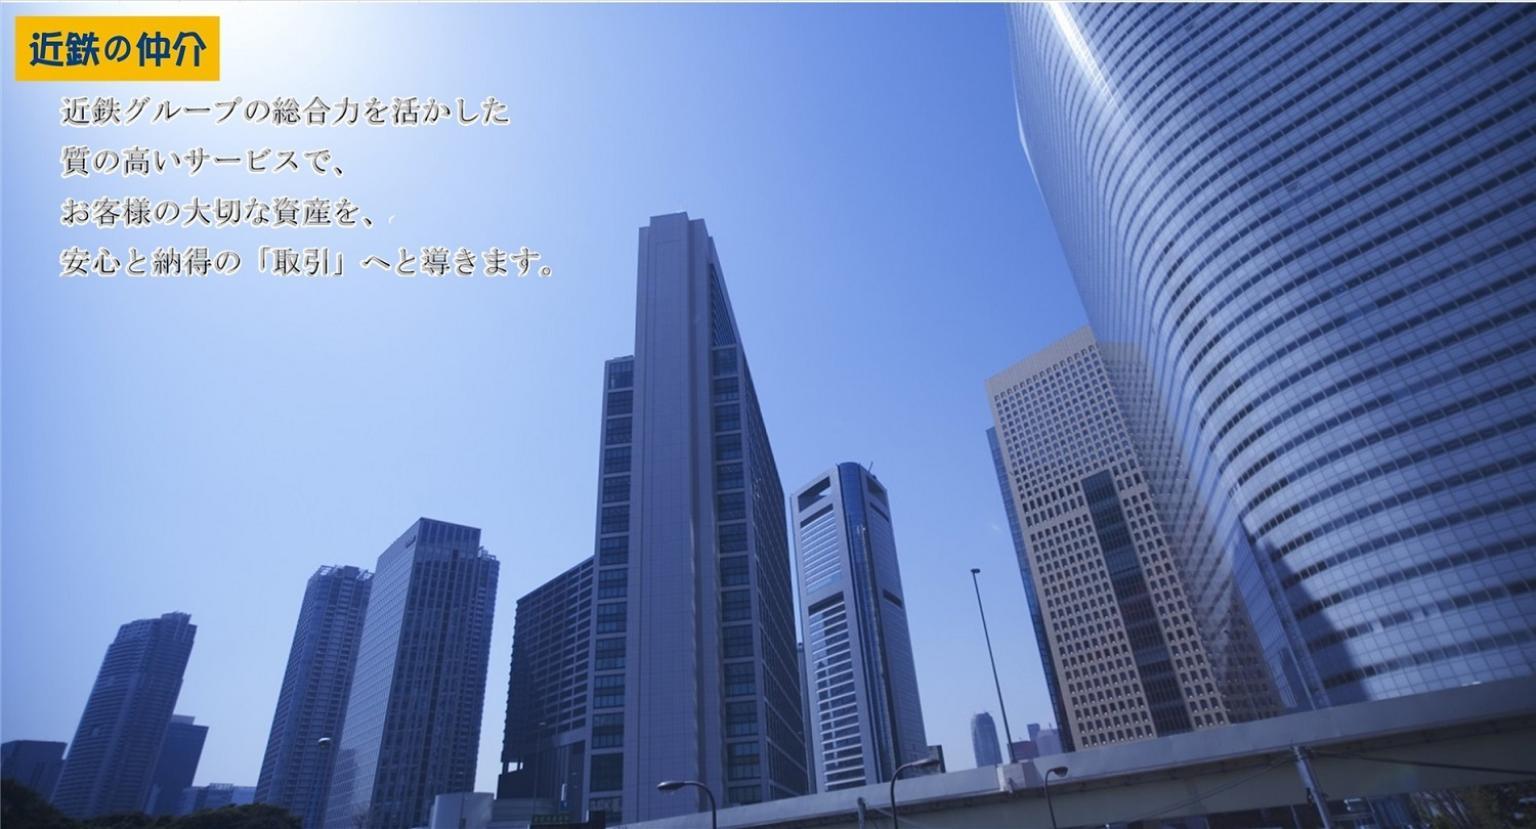 近鉄不動産株式会社 枚方営業所